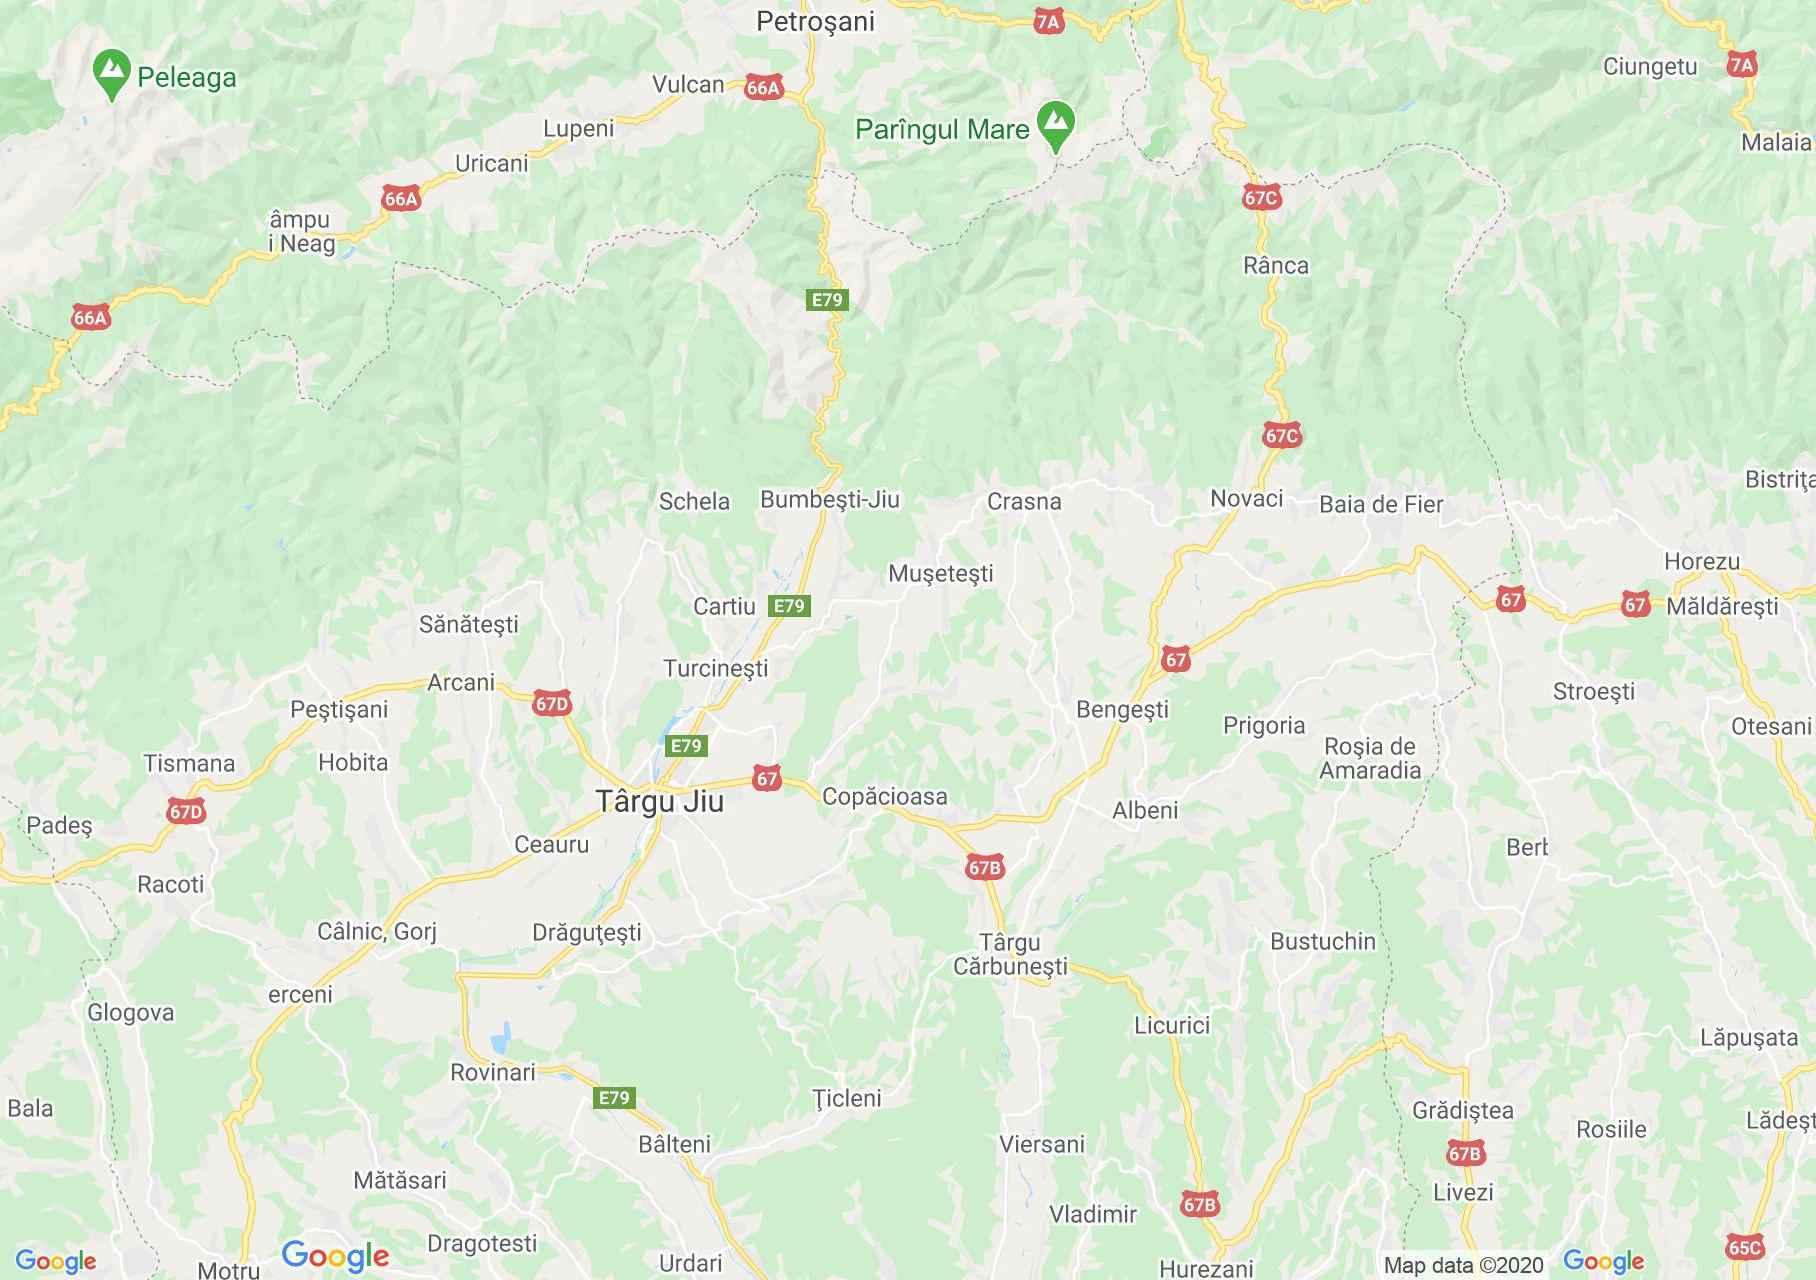 Folklor: Gorji népviselet  (térkép)